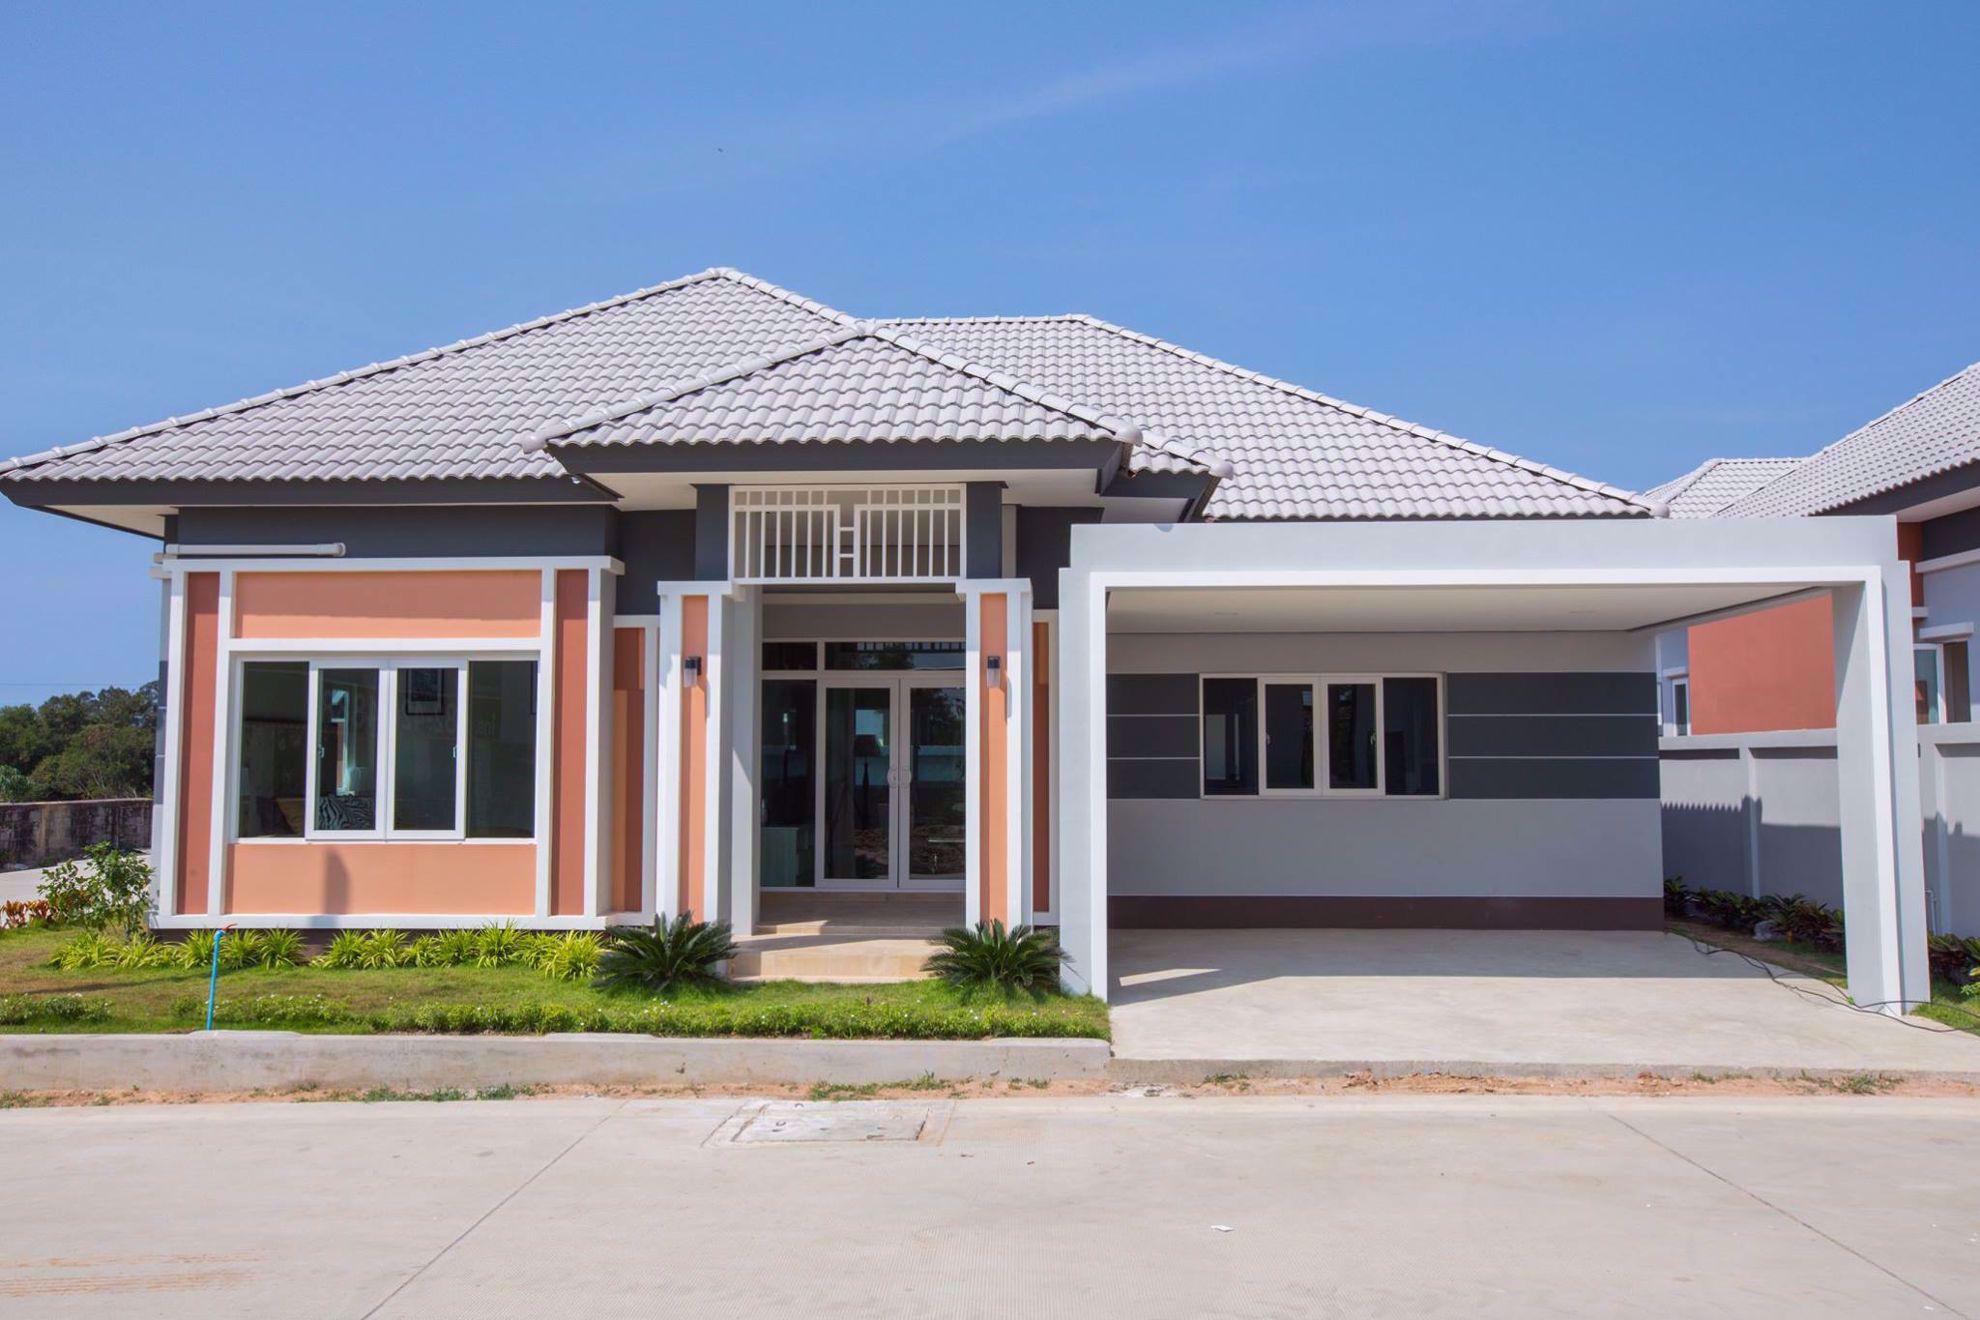 รูปภาพ 3 Bedrooms bed in House in The Palm Pattaya in East Pattaya H009033